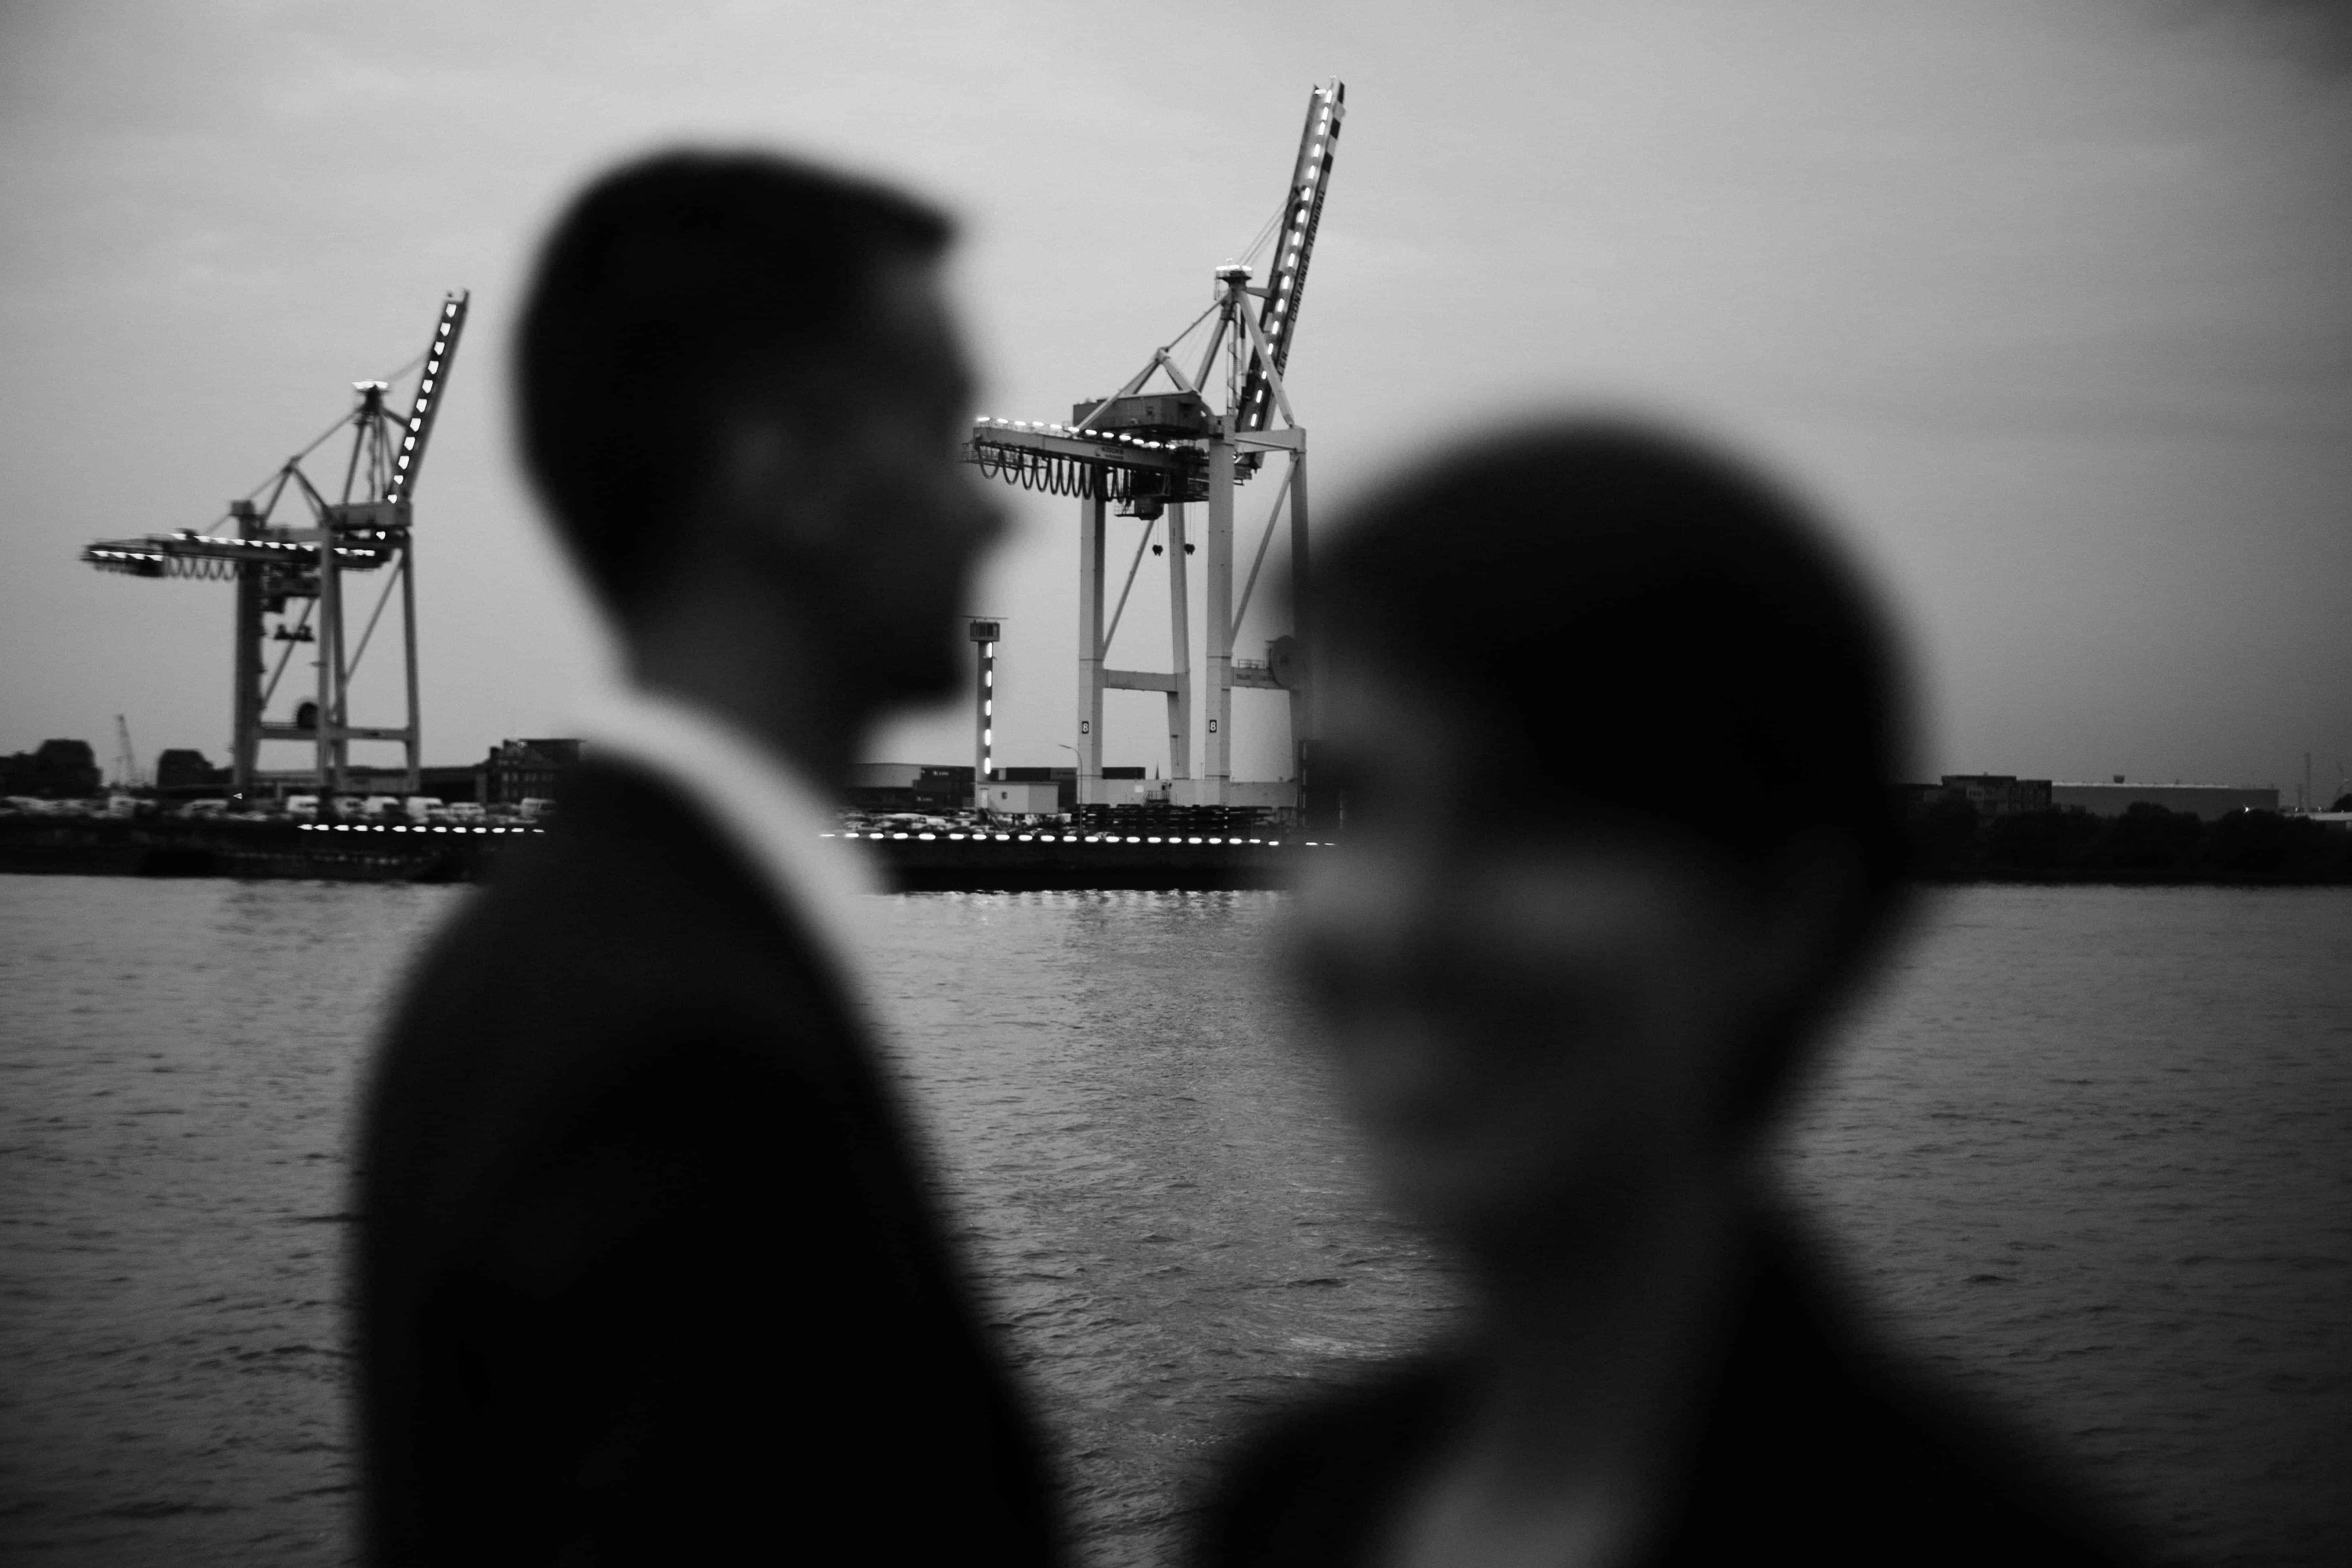 ein Mann und eine Frau stehen am Hafen in Hamburg, sie stehen nebeneinander und schauen in entgegengesetzte Richtungen, im Hintergrund ist der Containerhafen zu sehen